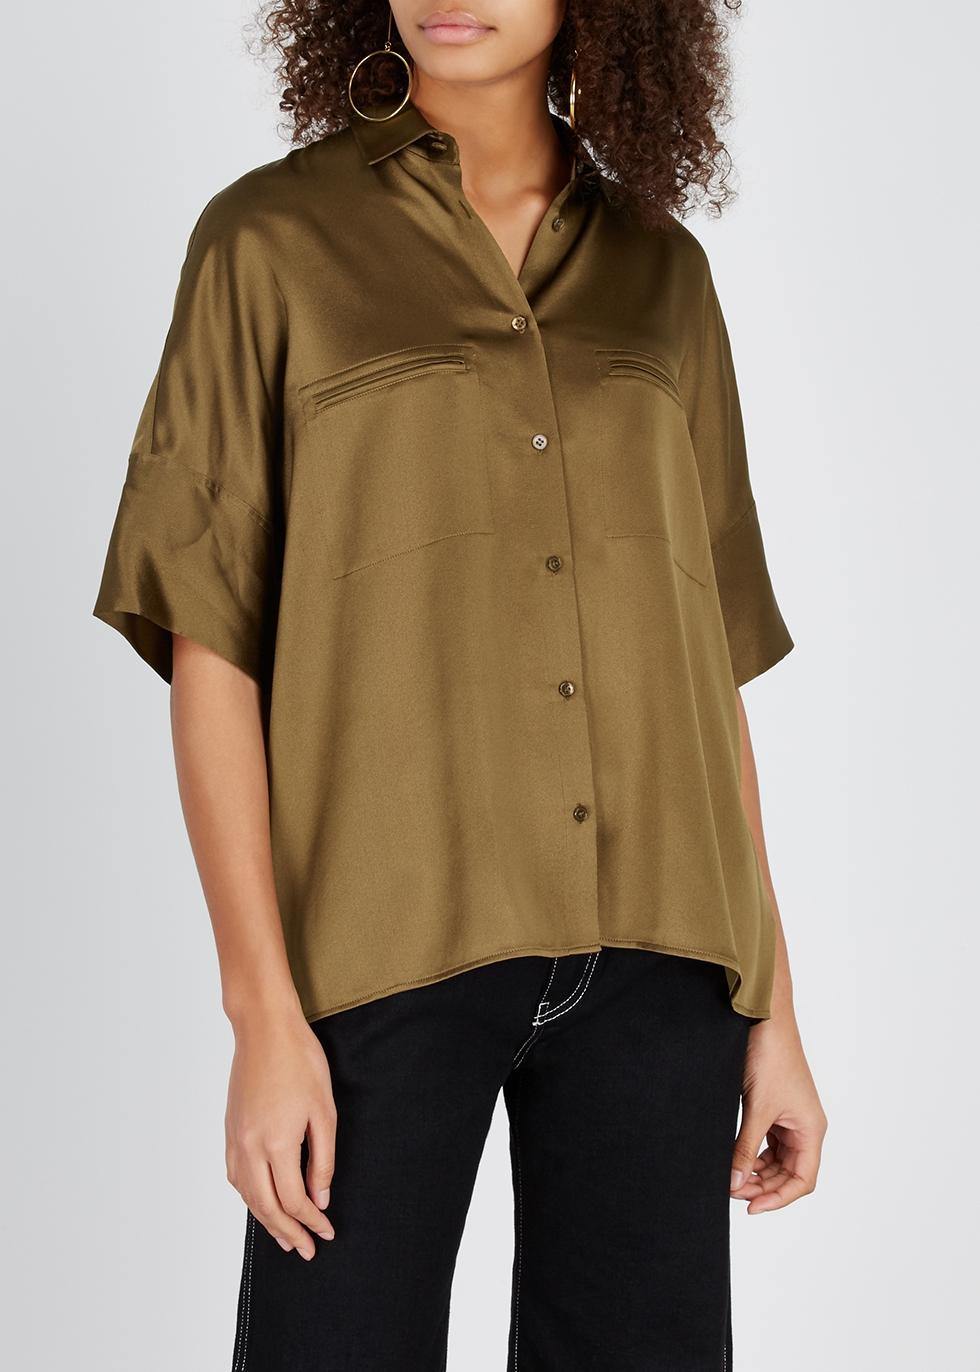 Caramel silk shirt - Vince